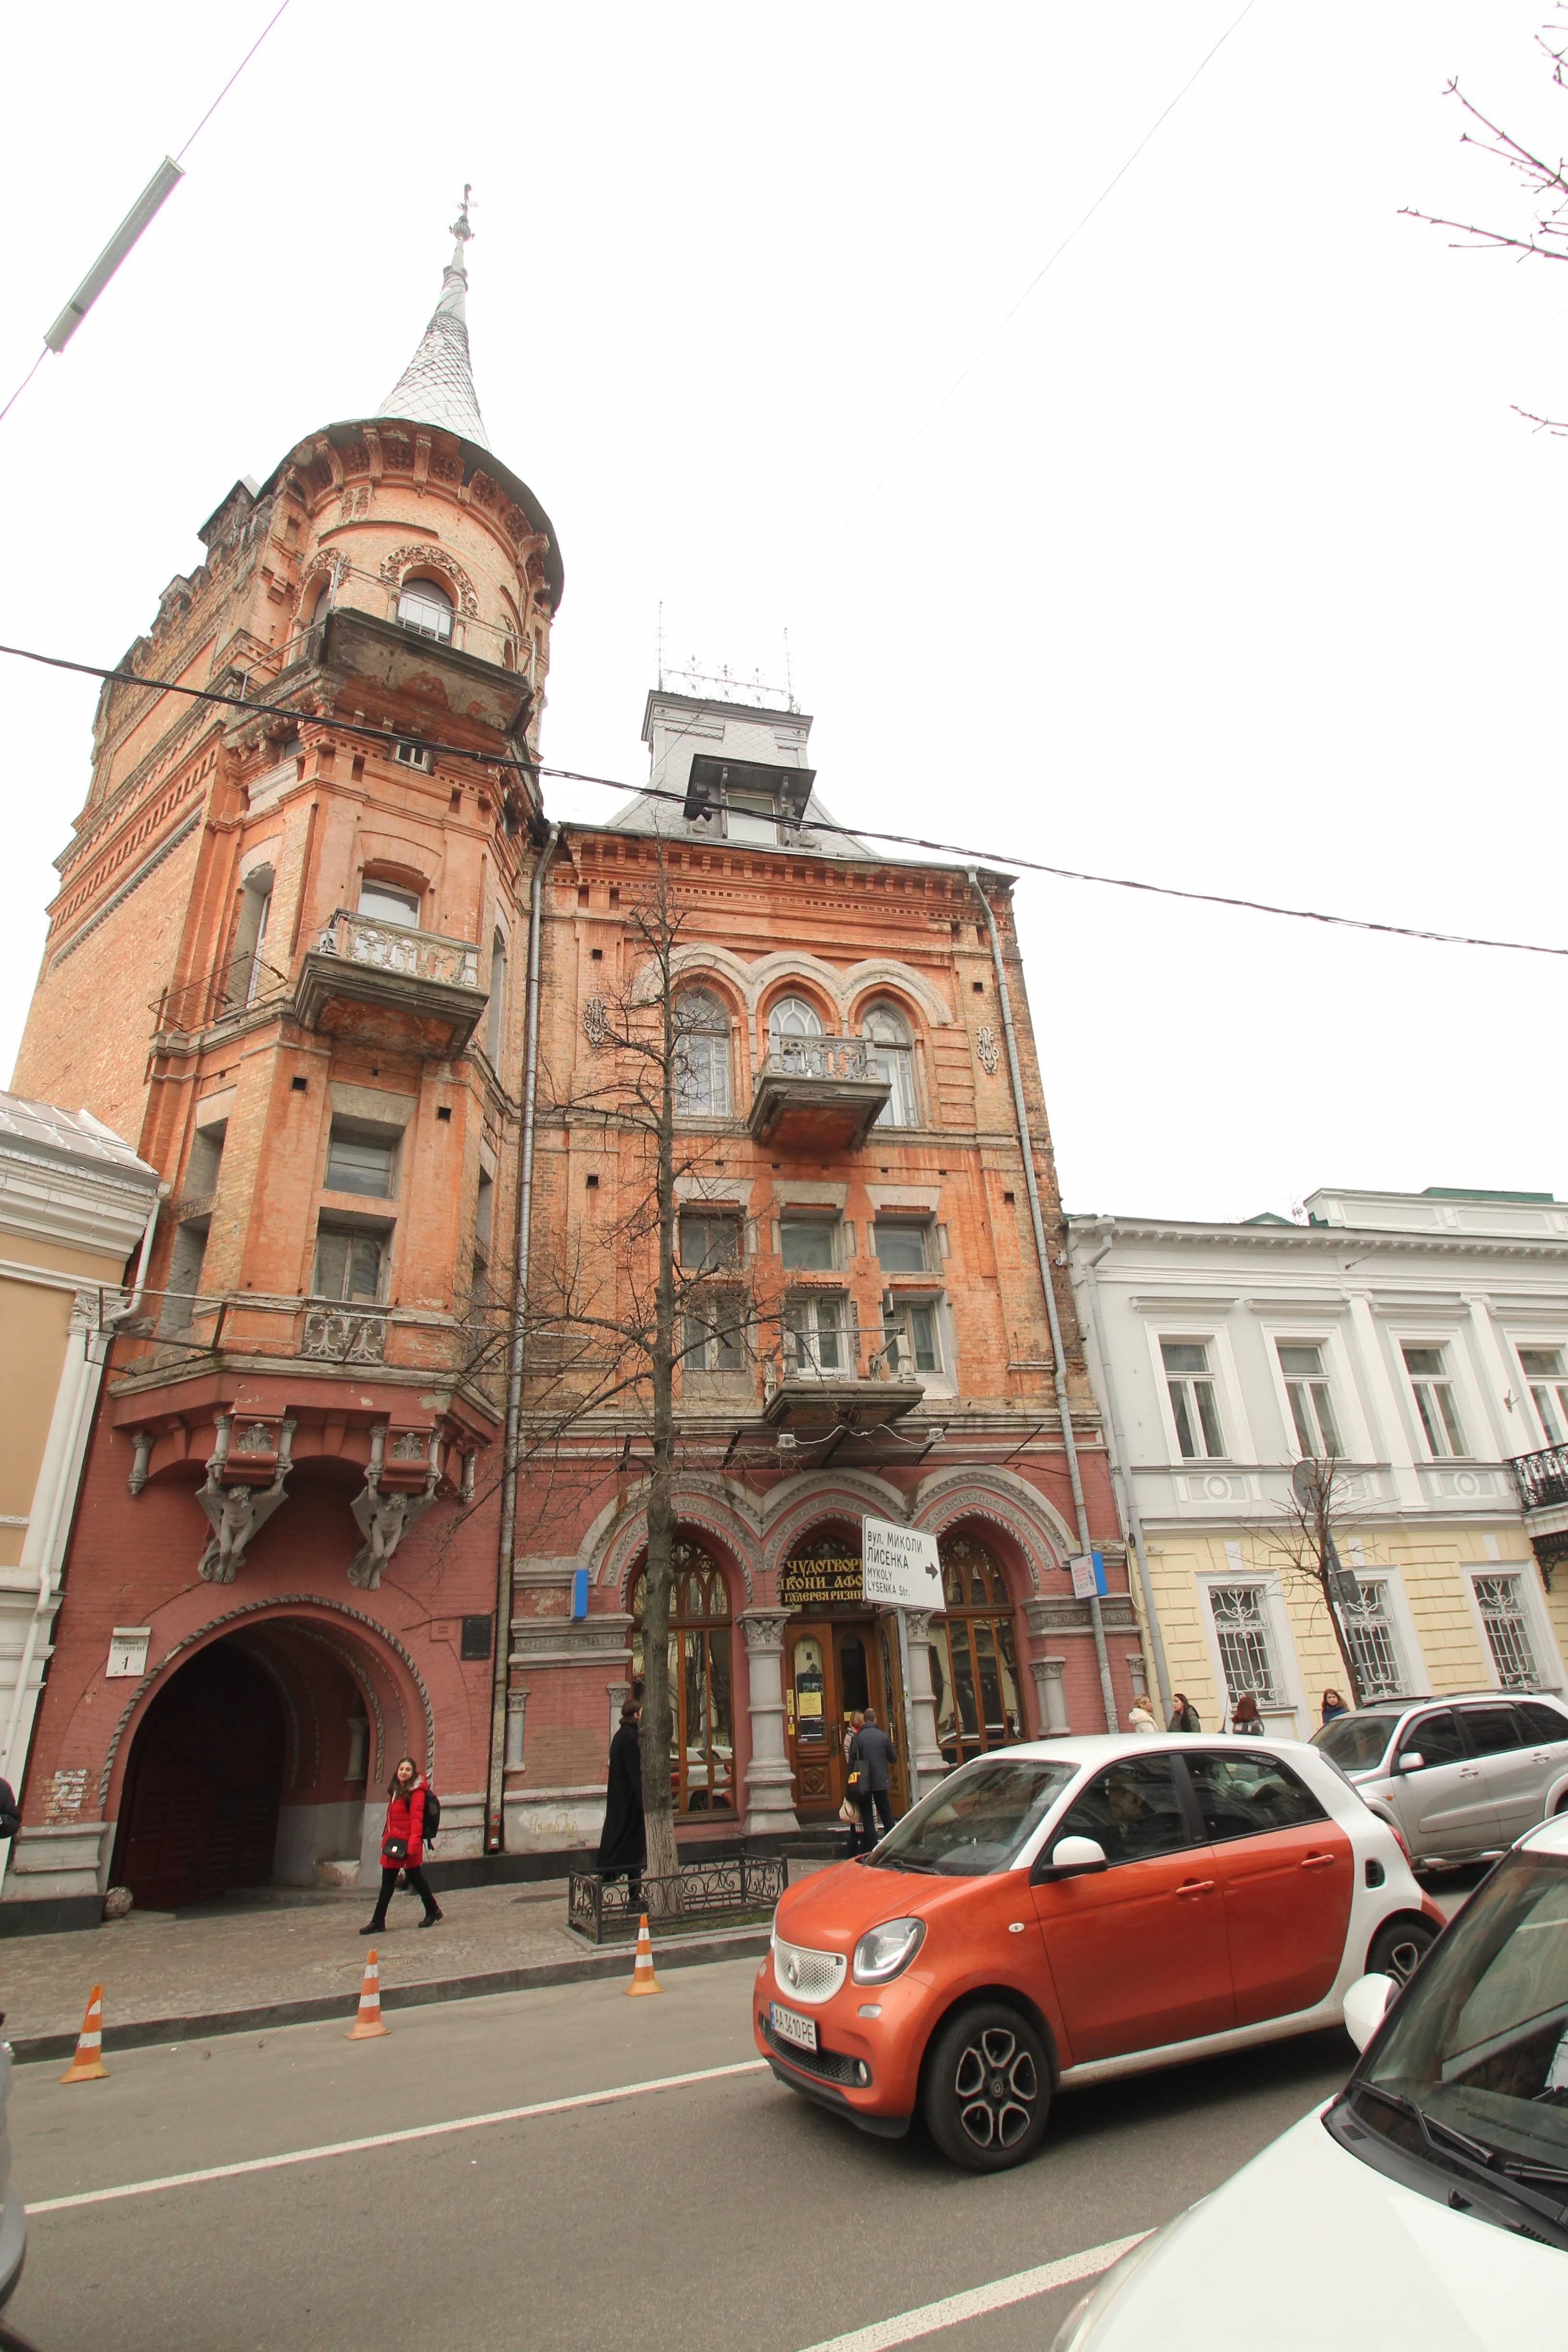 Киев, который мы теряем. Чем уникальна улица Ярославов вал? Фоторепортаж